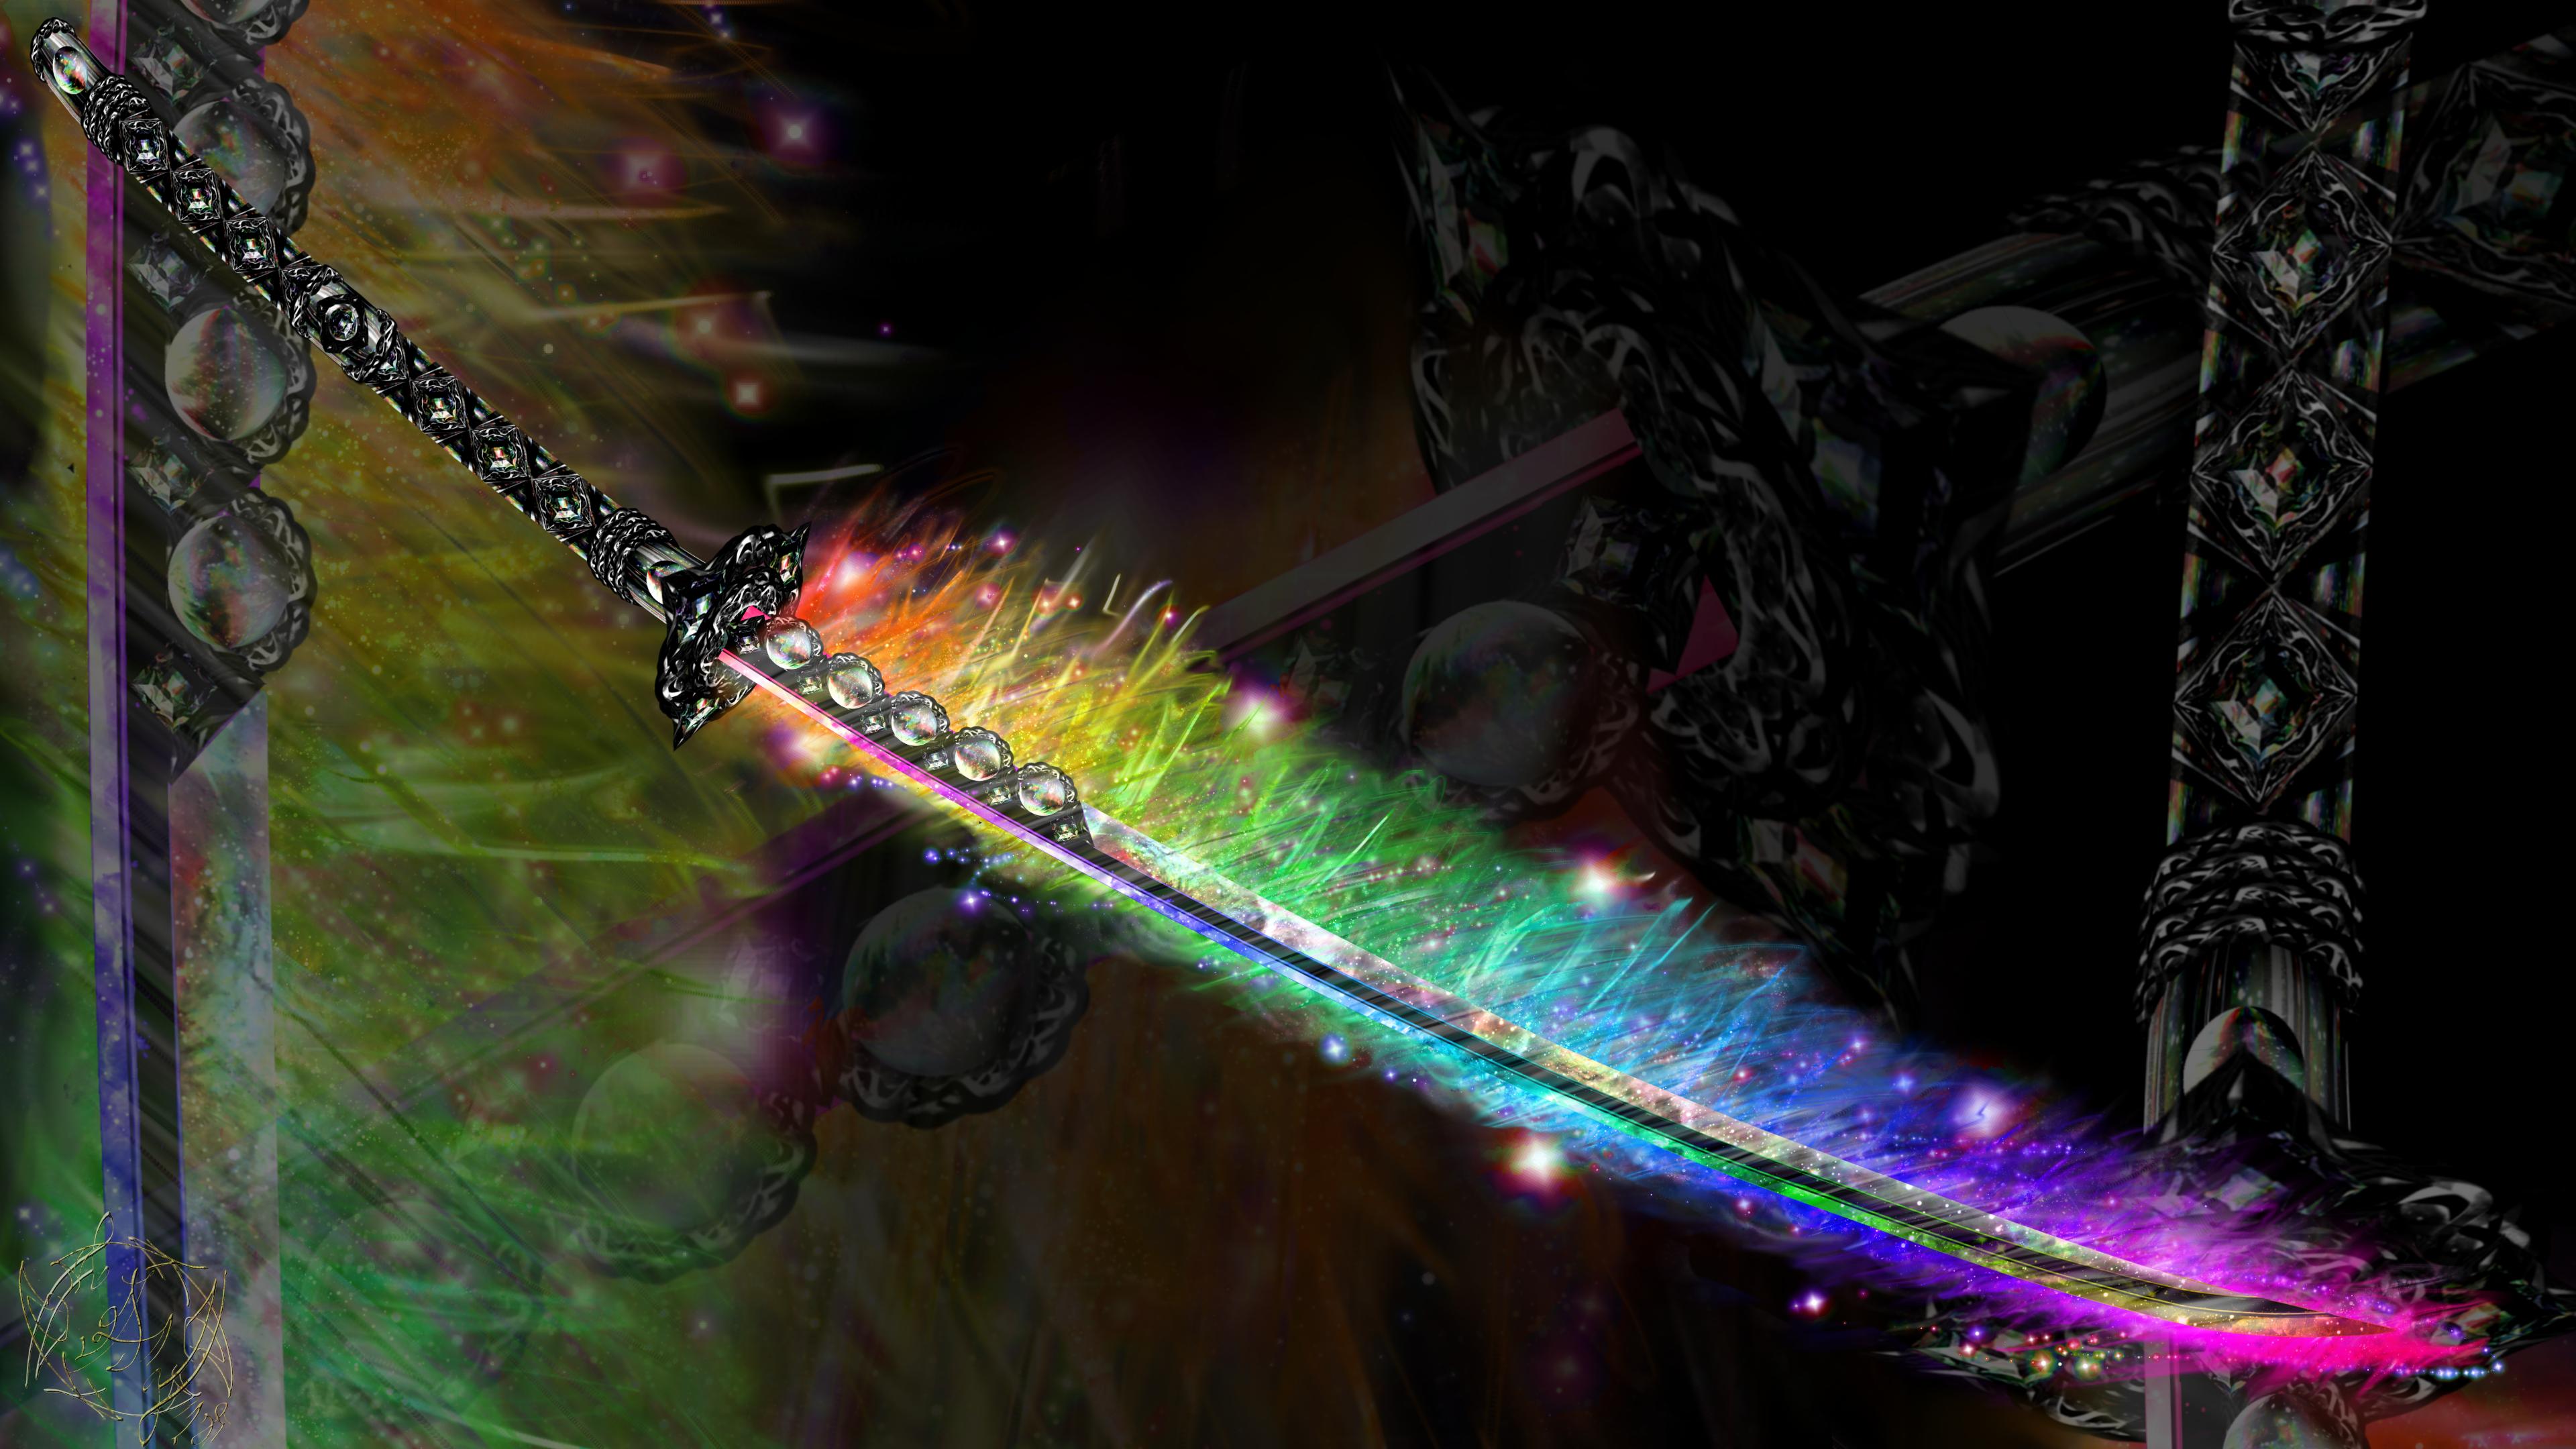 Chrono Trigger - The Rainbow by Ahakarin on DeviantArt